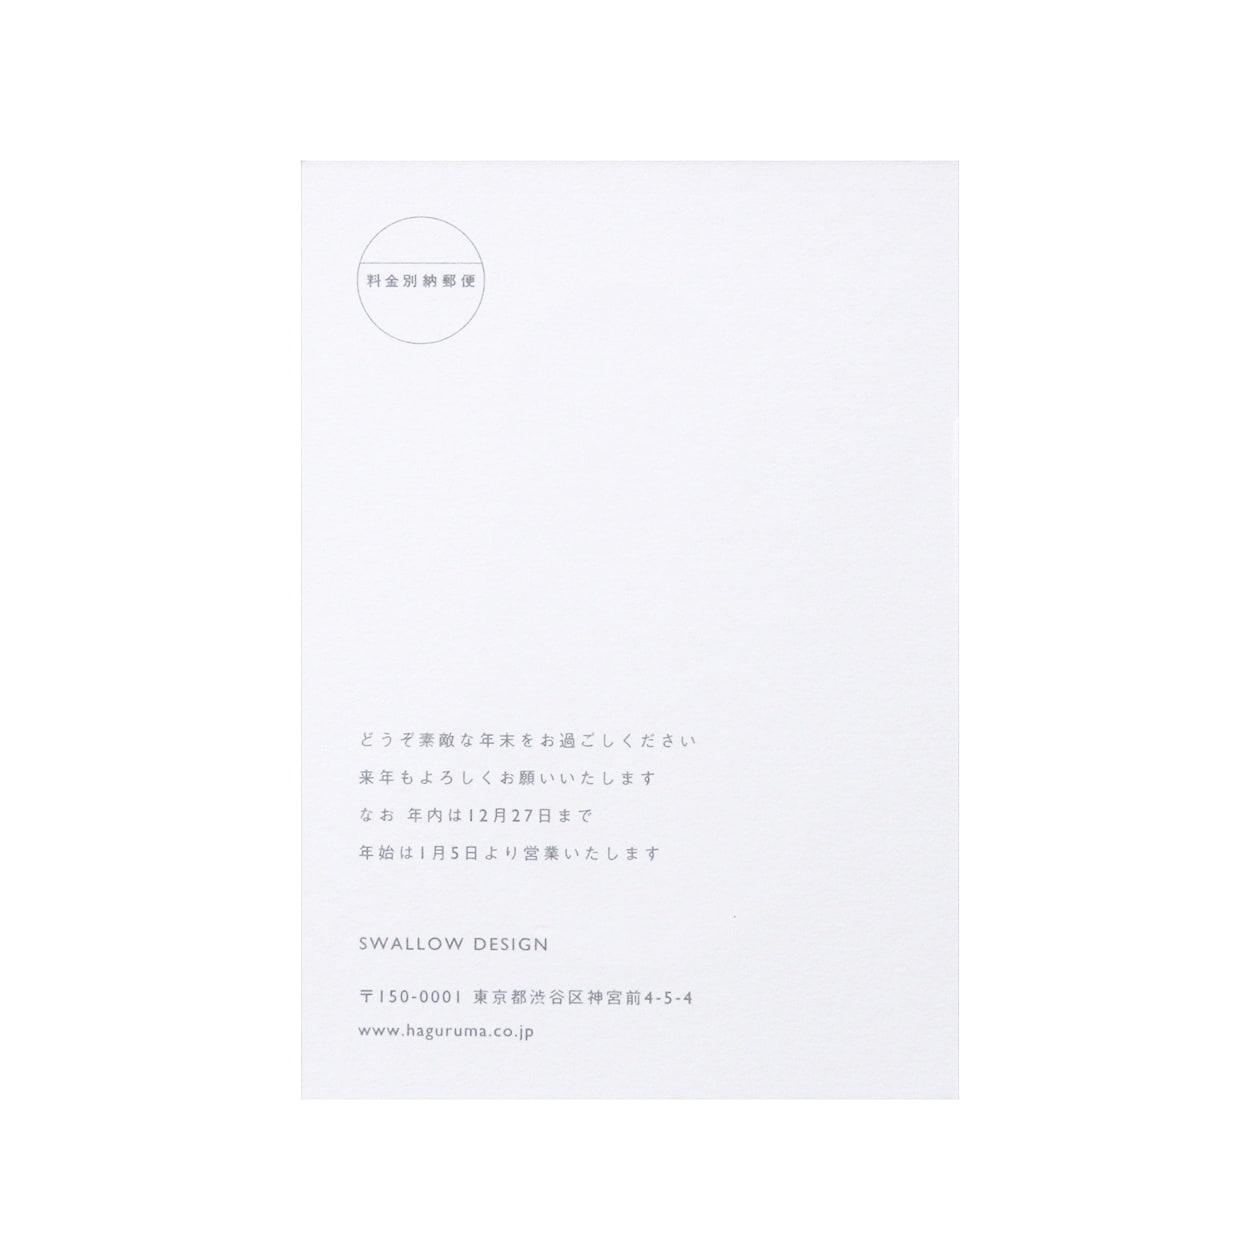 サンプル カード・シート 00262